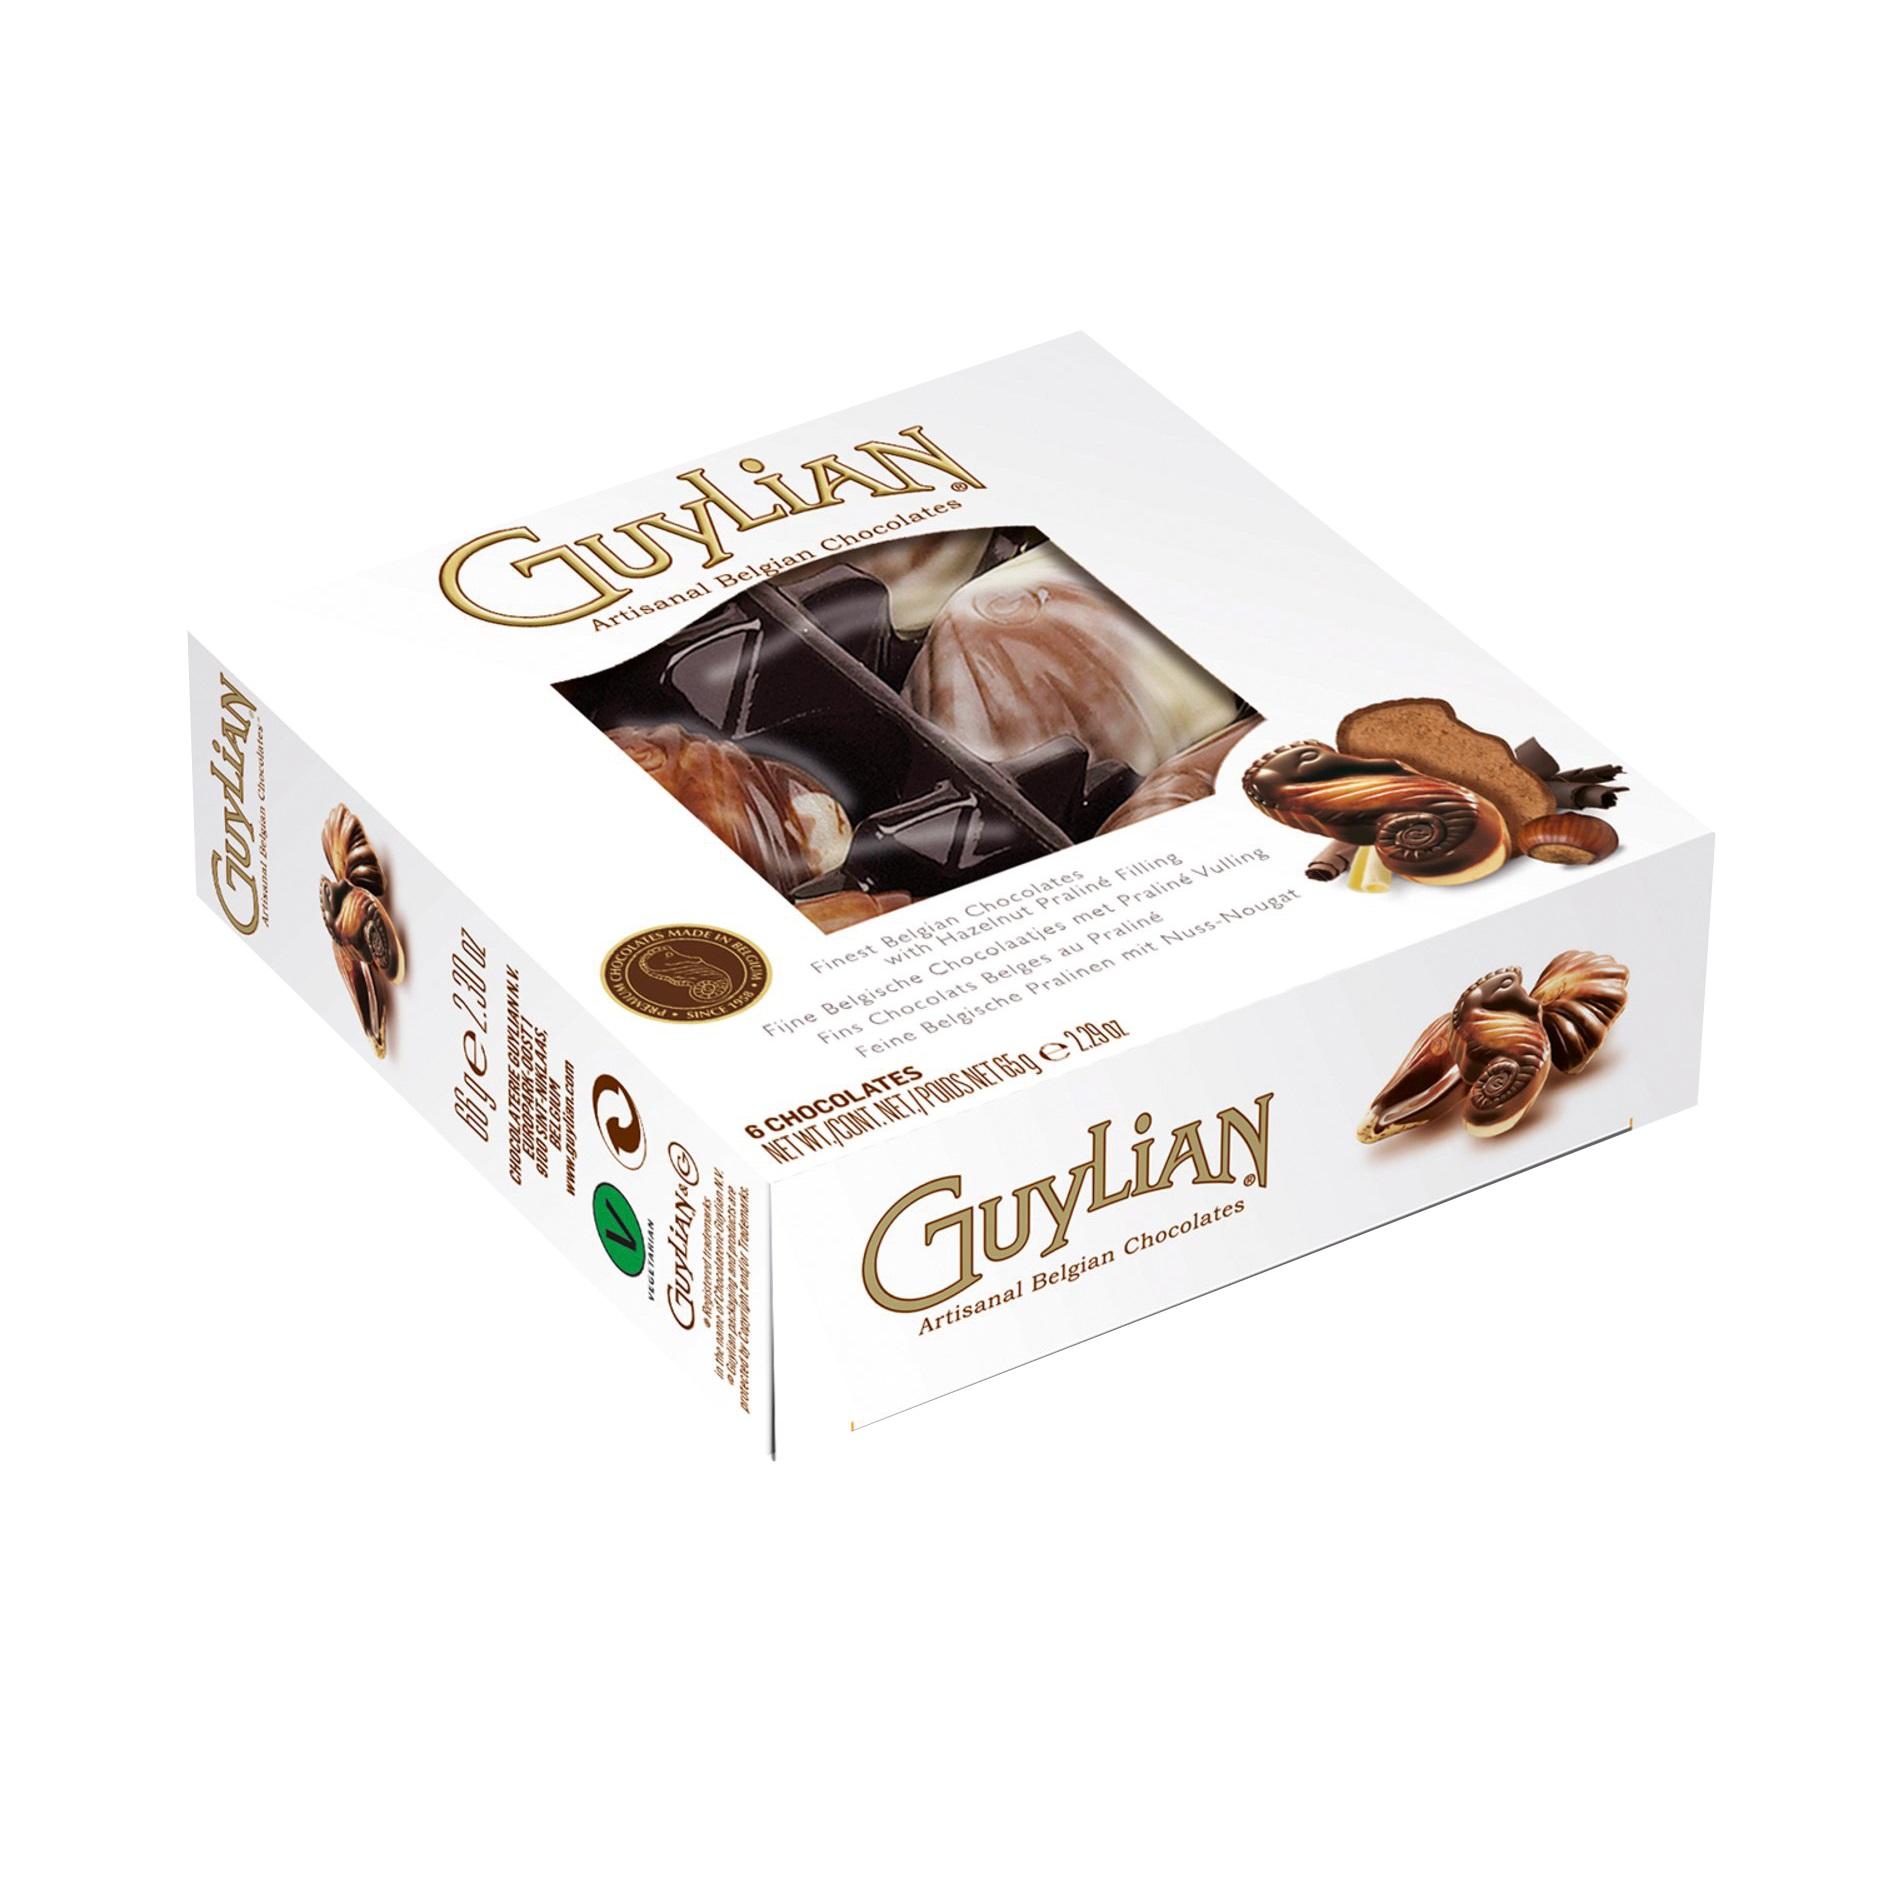 Seashells Guylian Belgian Milk Chocolates Small Gift Box 65g